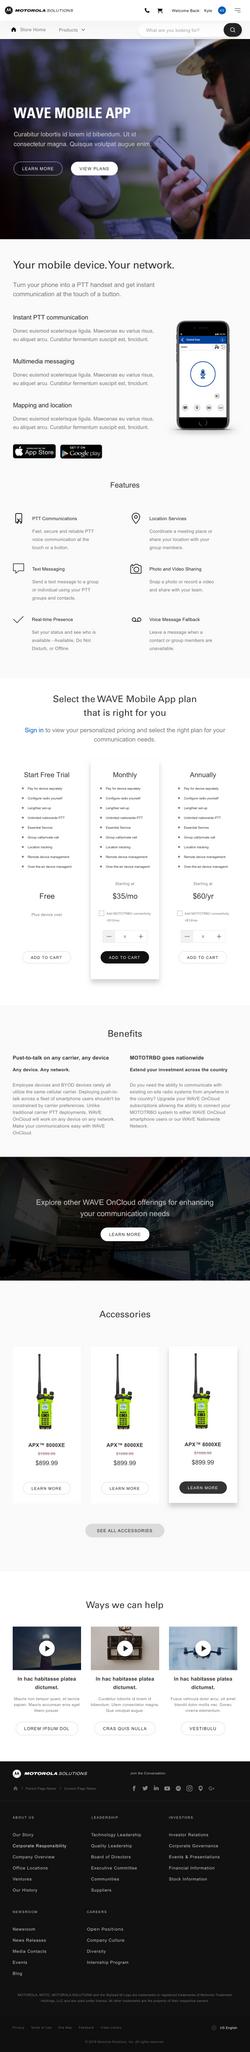 WAVE App Description Page